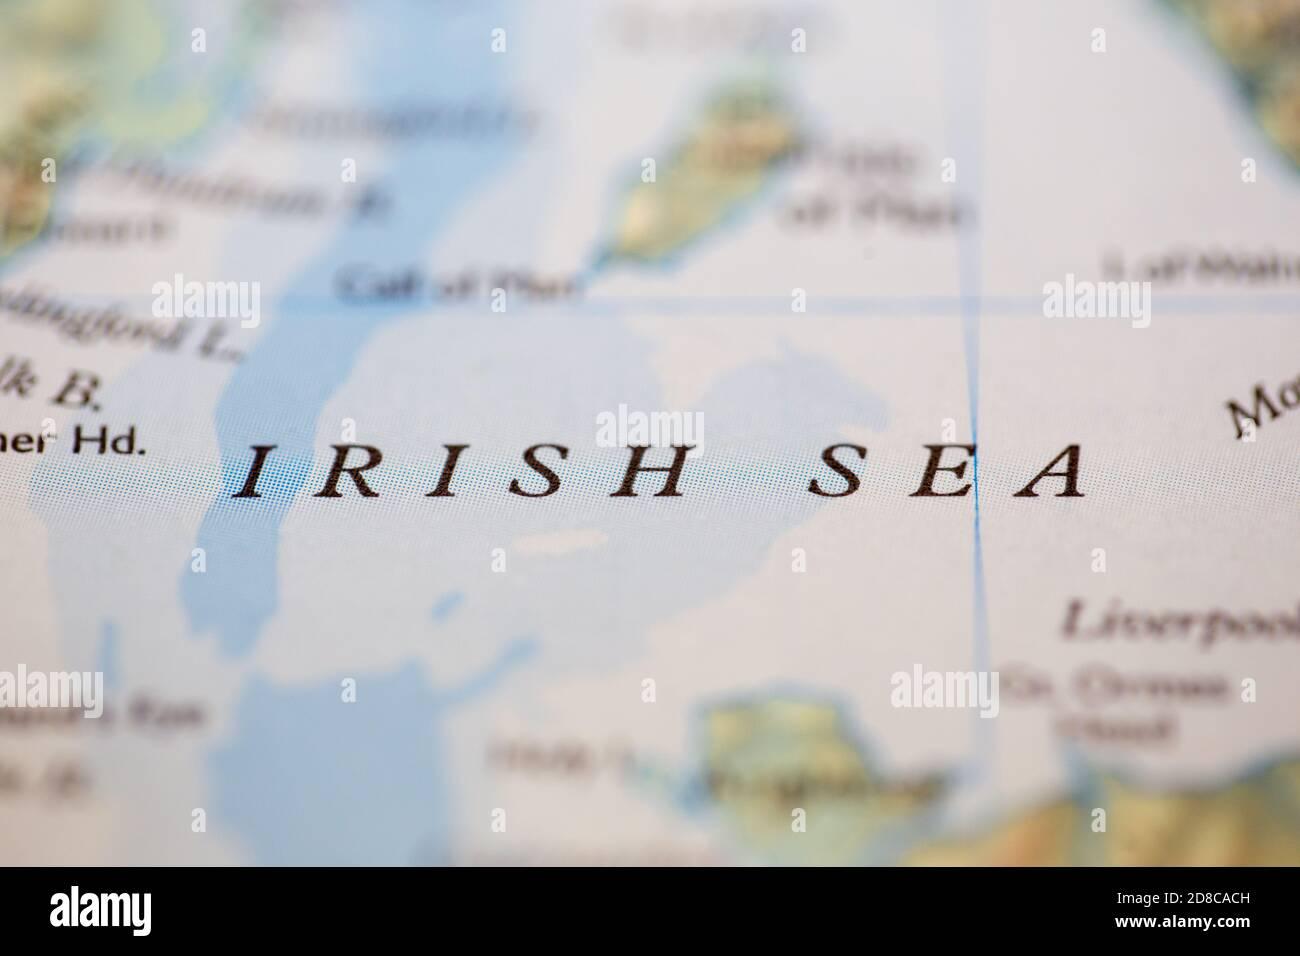 Mare D Irlanda Cartina.Profondita Di Campo Ridotta Fuoco Sulla Posizione Geografica Della Mappa Di Mare D Irlanda Al Largo Della Costa Scozzese Sull Atlante Foto Stock Alamy